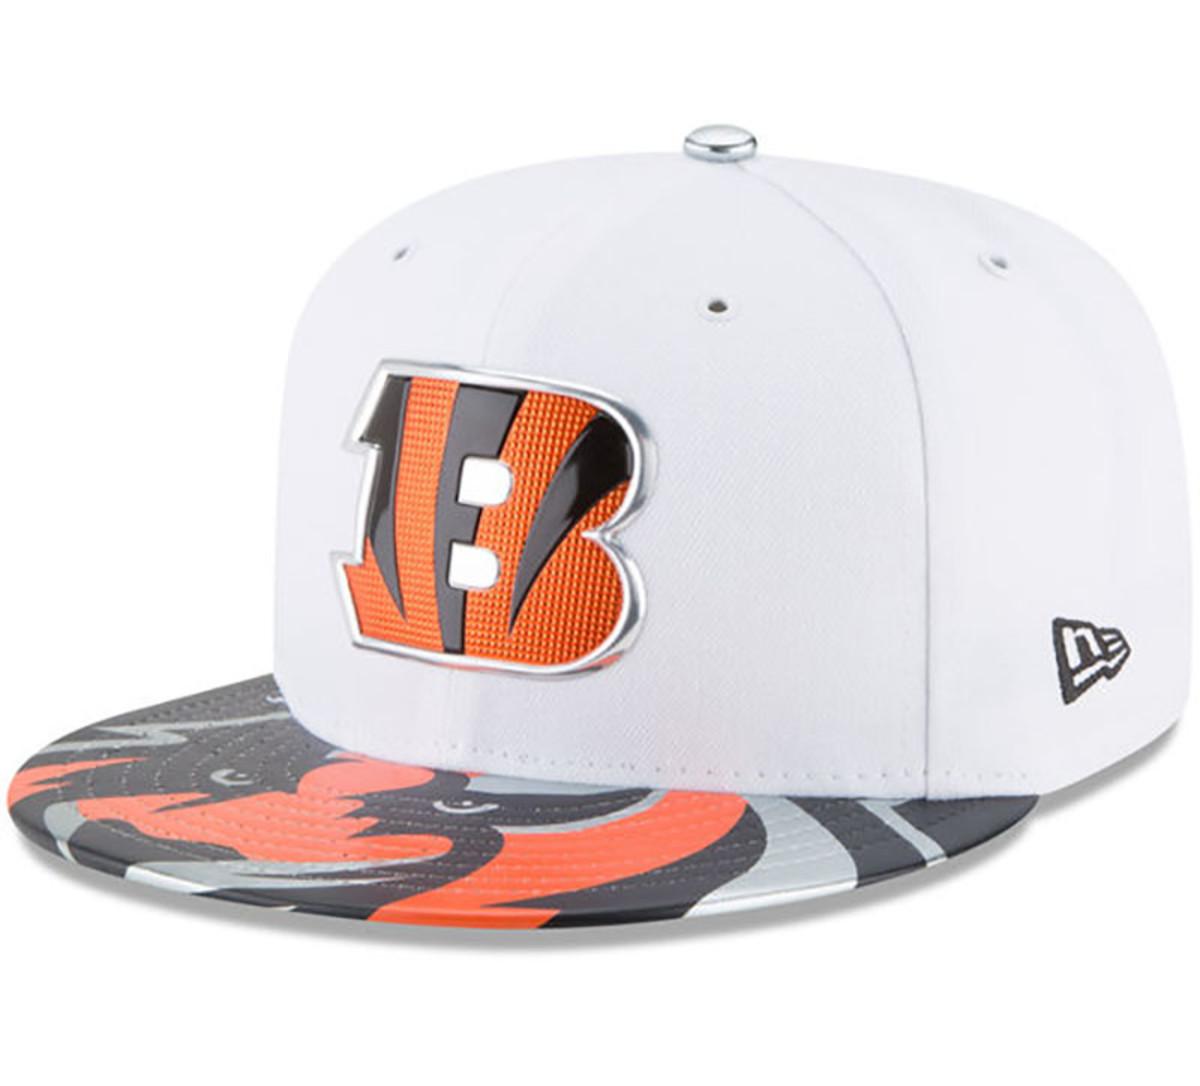 bengals-hat-ranking-hats.jpg